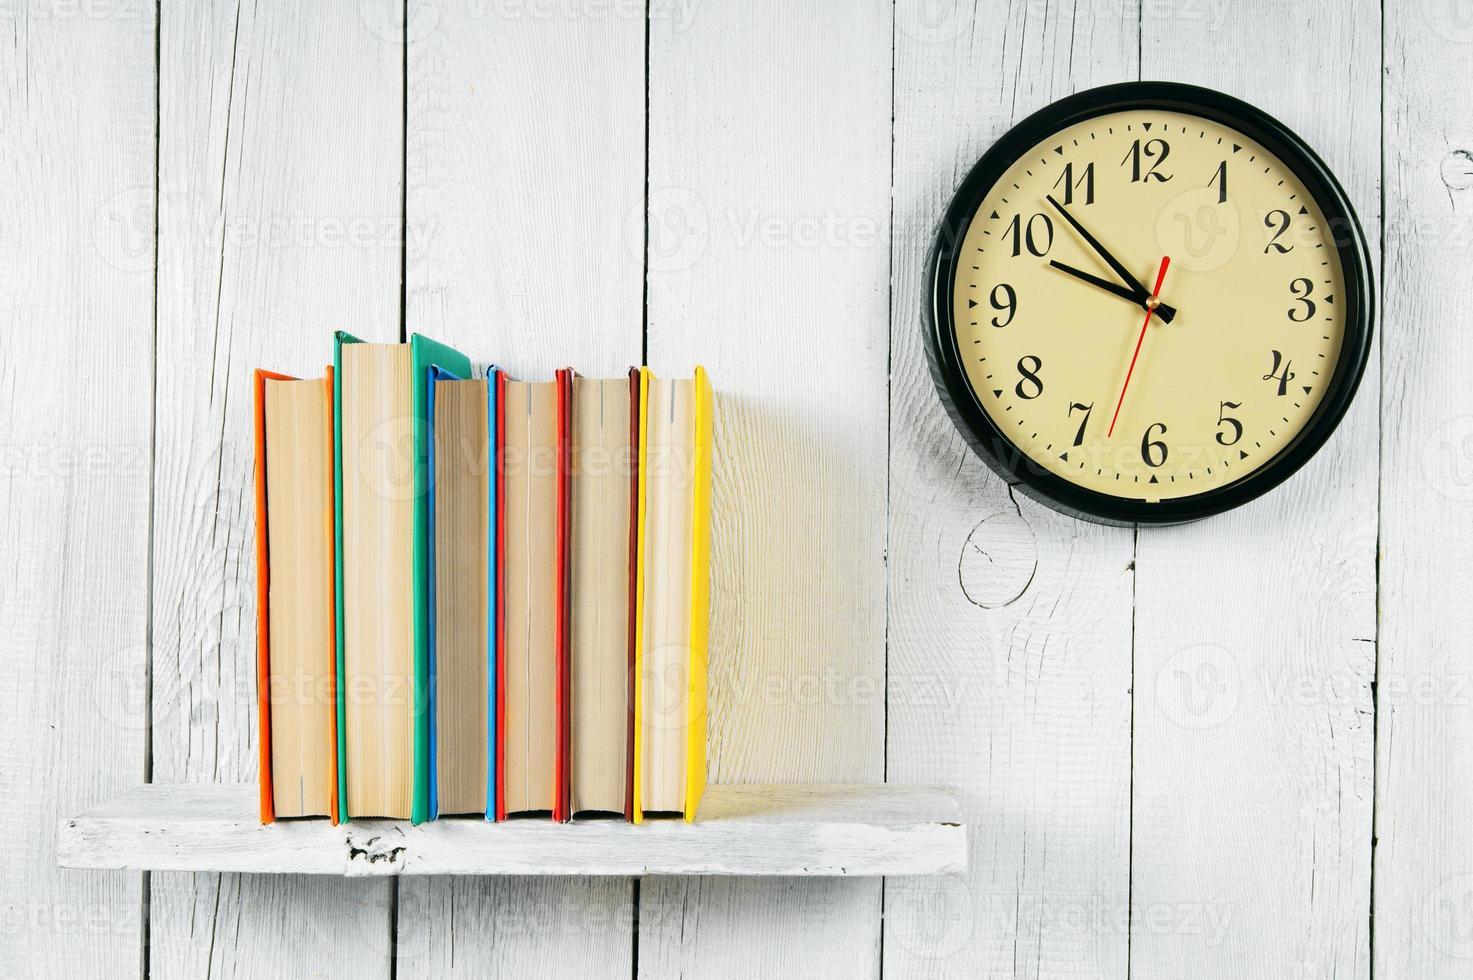 Relojes y libros en un estante de madera. foto